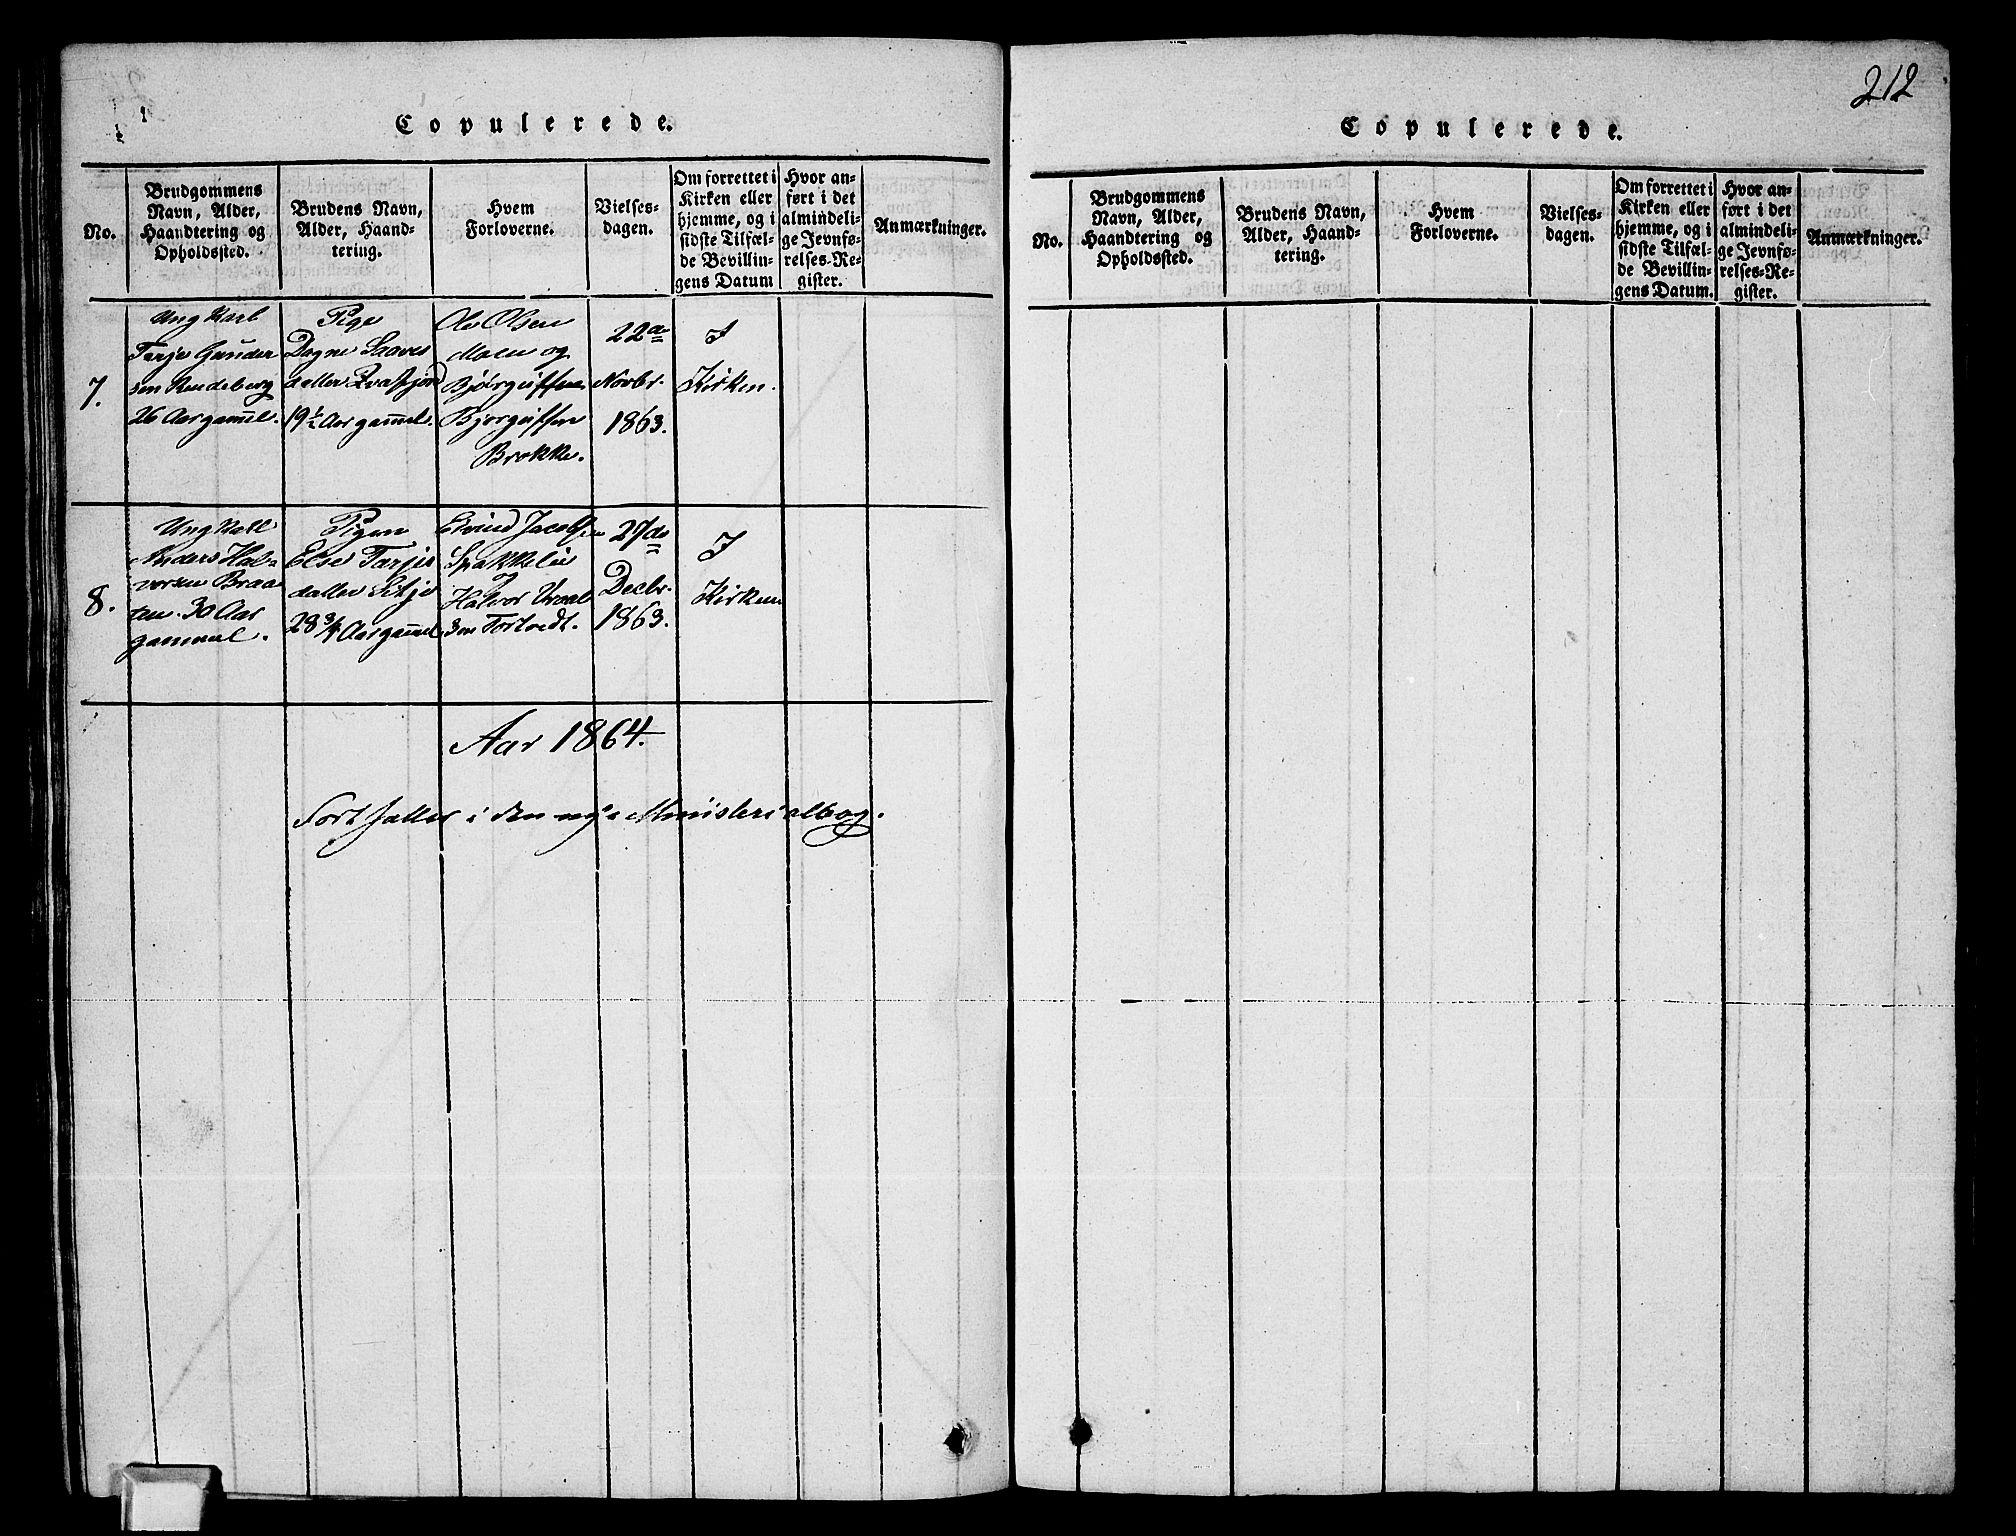 SAKO, Fyresdal kirkebøker, G/Ga/L0003: Klokkerbok nr. I 3, 1815-1863, s. 211